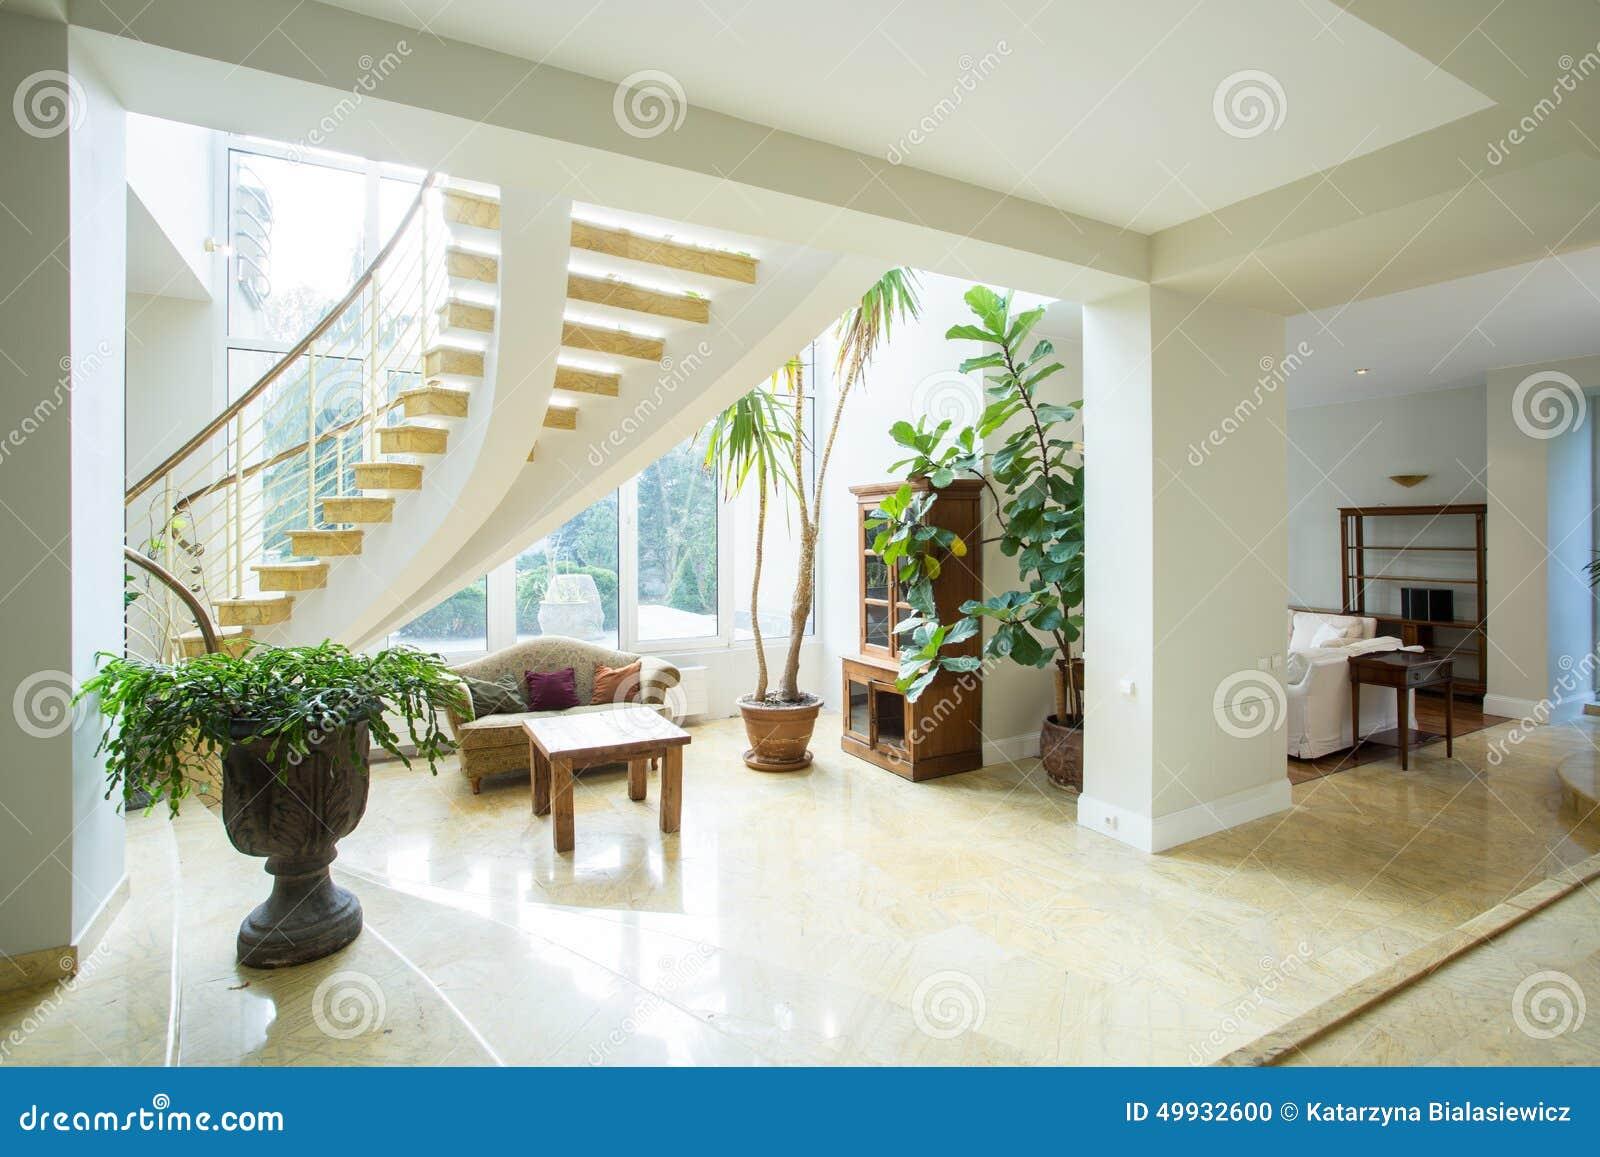 Interieur maison grece for L interieur de la maison